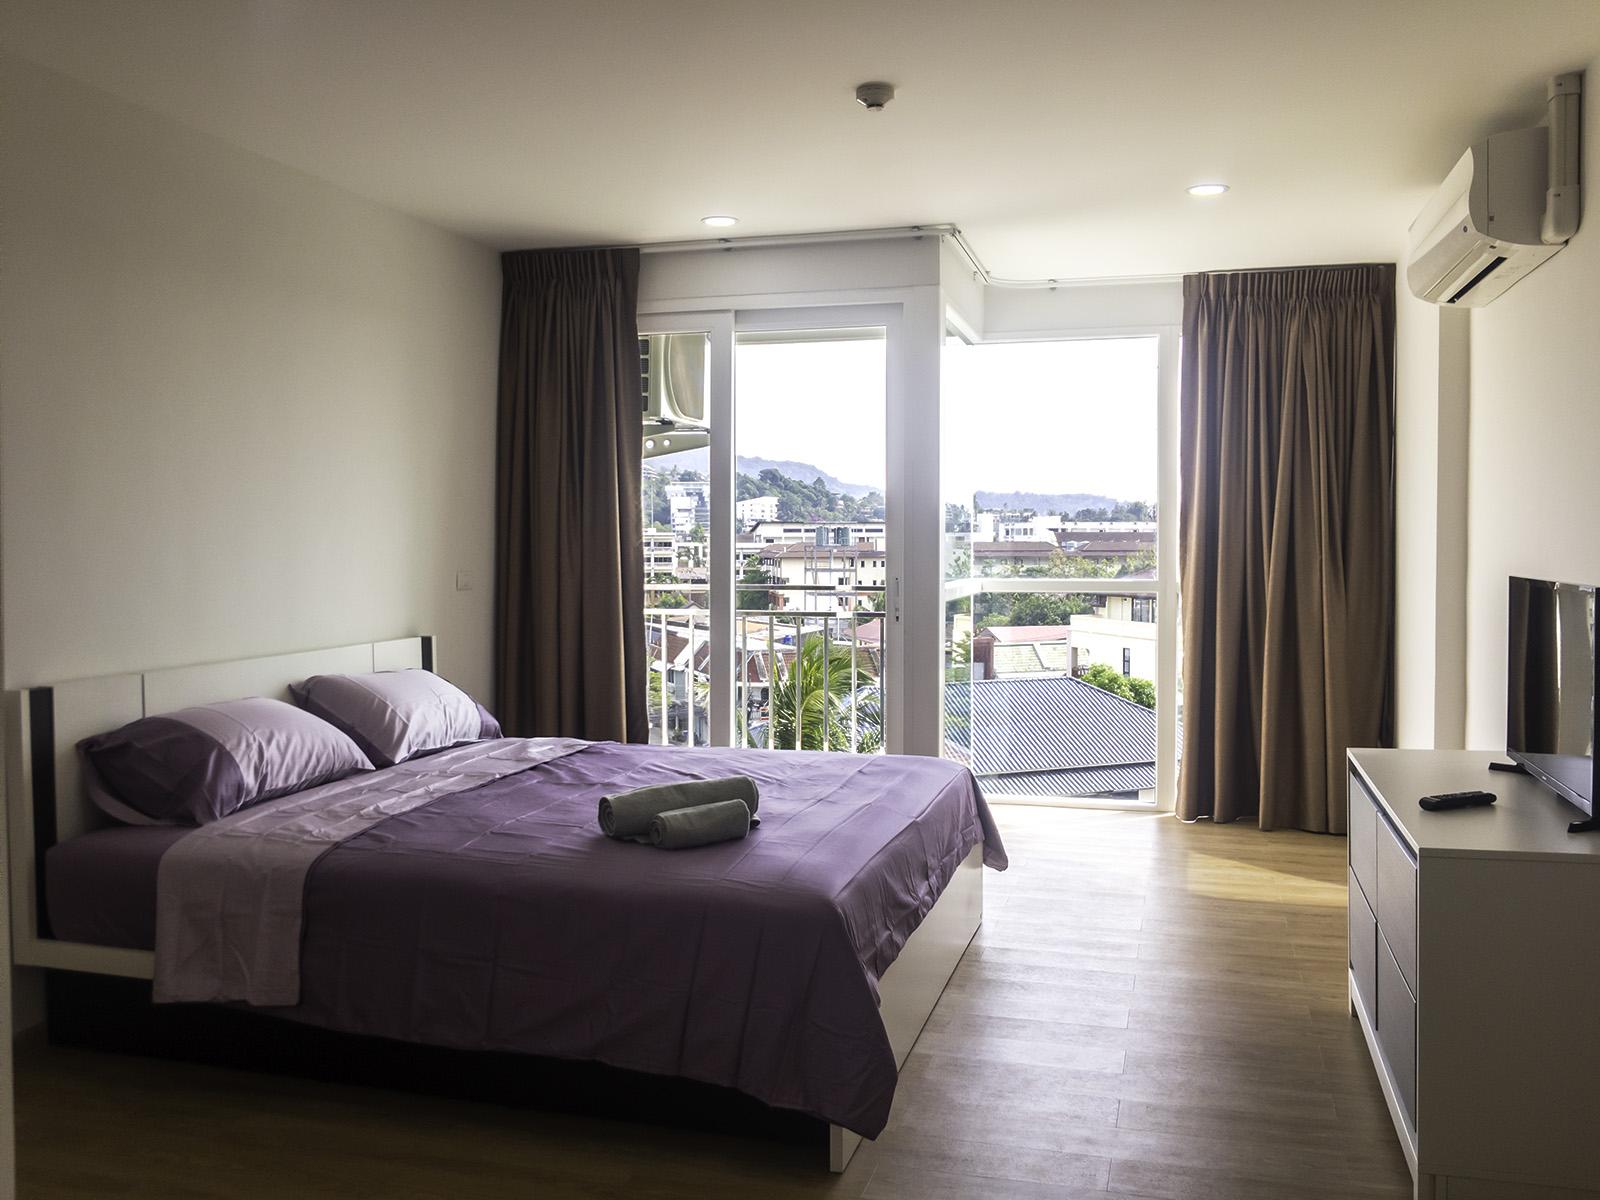 11 – Bedroom 2